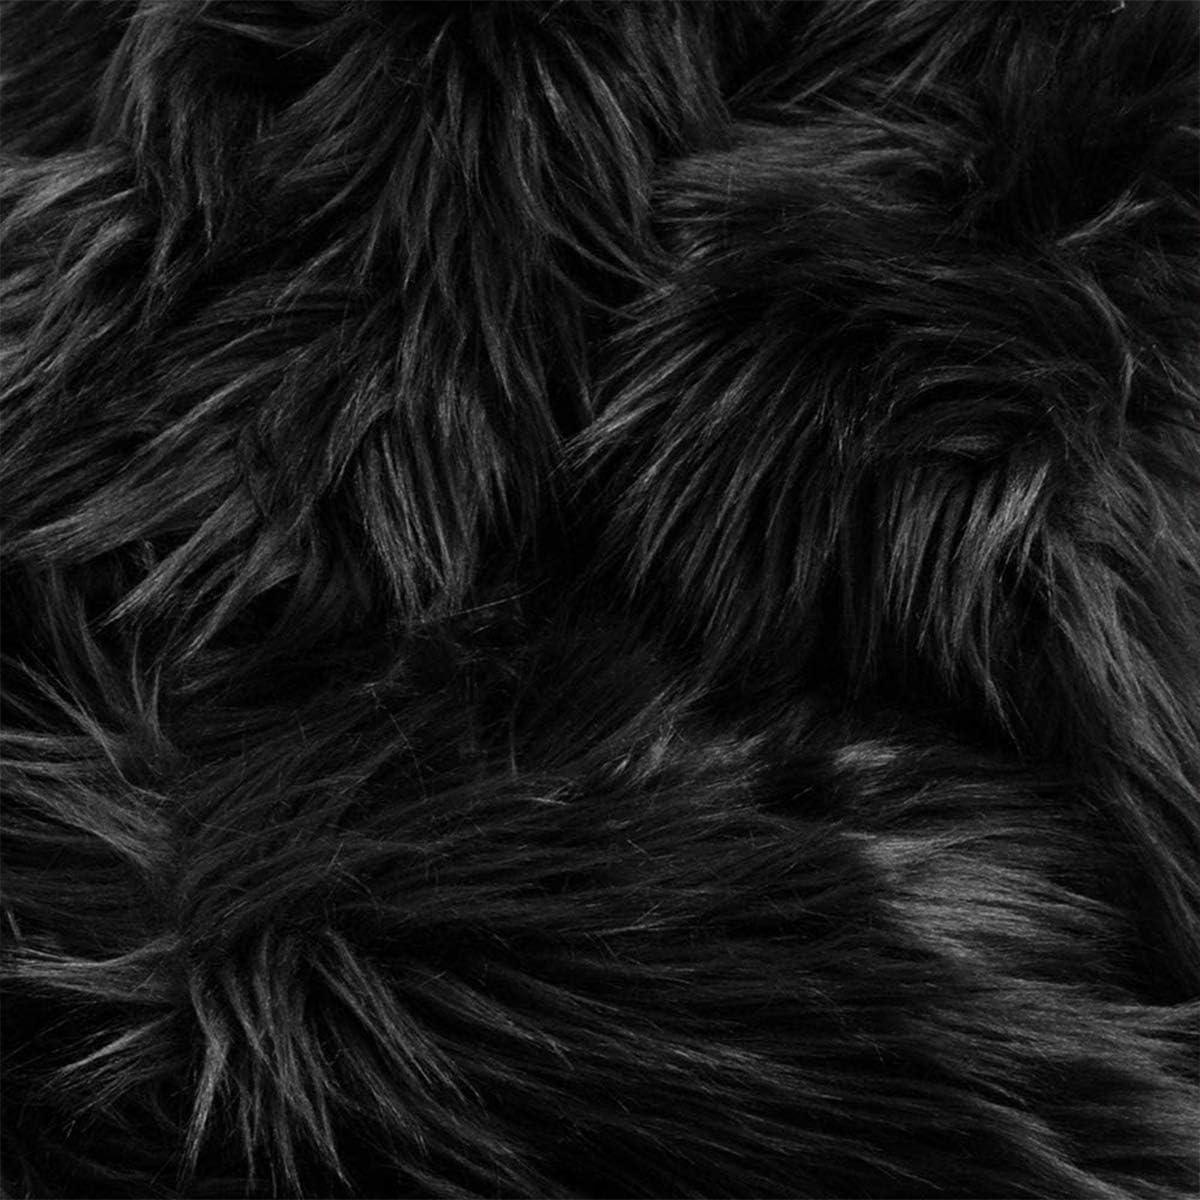 Aeternum - Shaggy Faux Fur Fabric - One Yard - 60